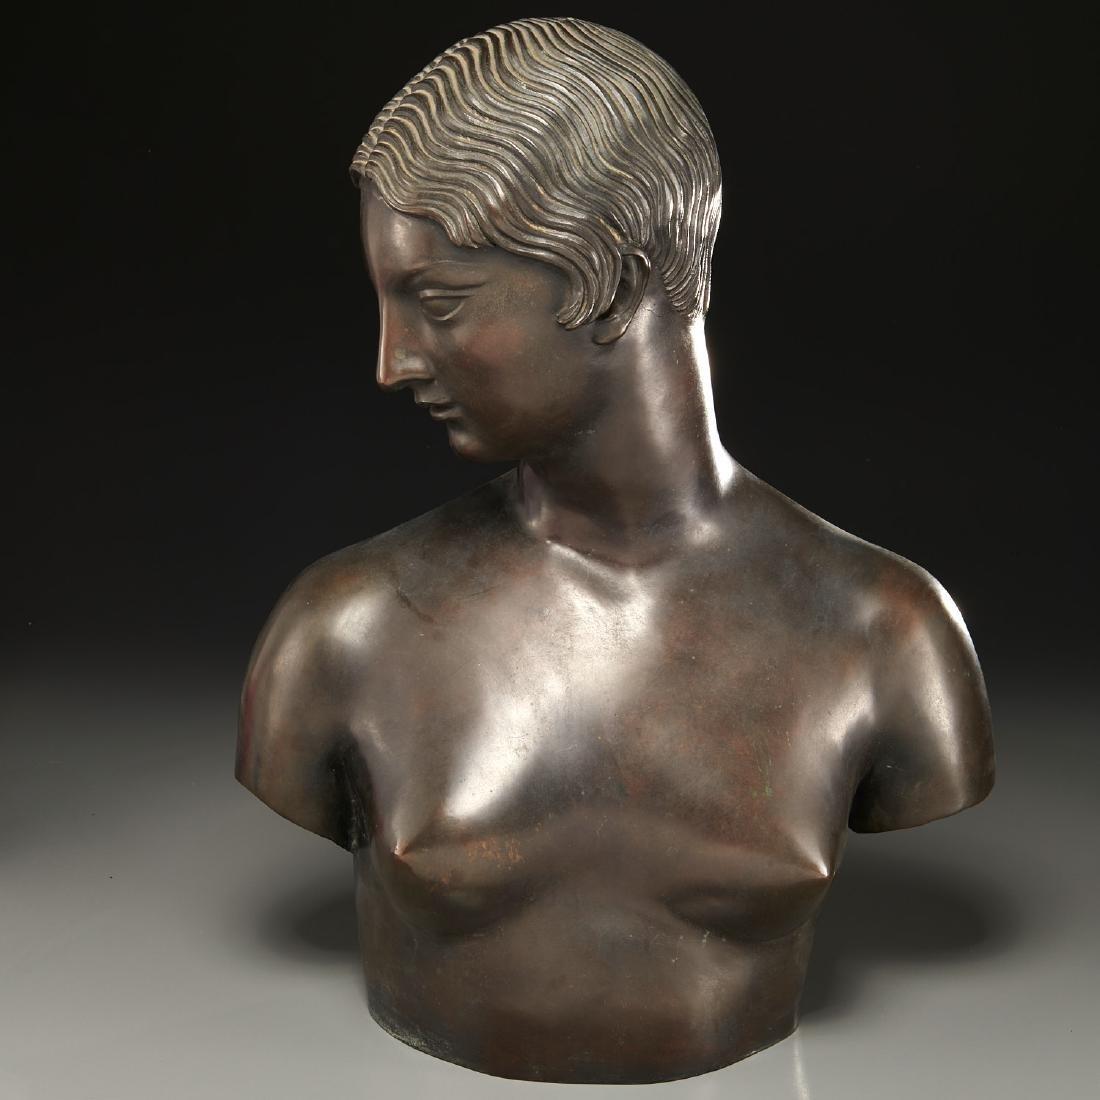 Amleto Cataldi, sculpture, c. 1925